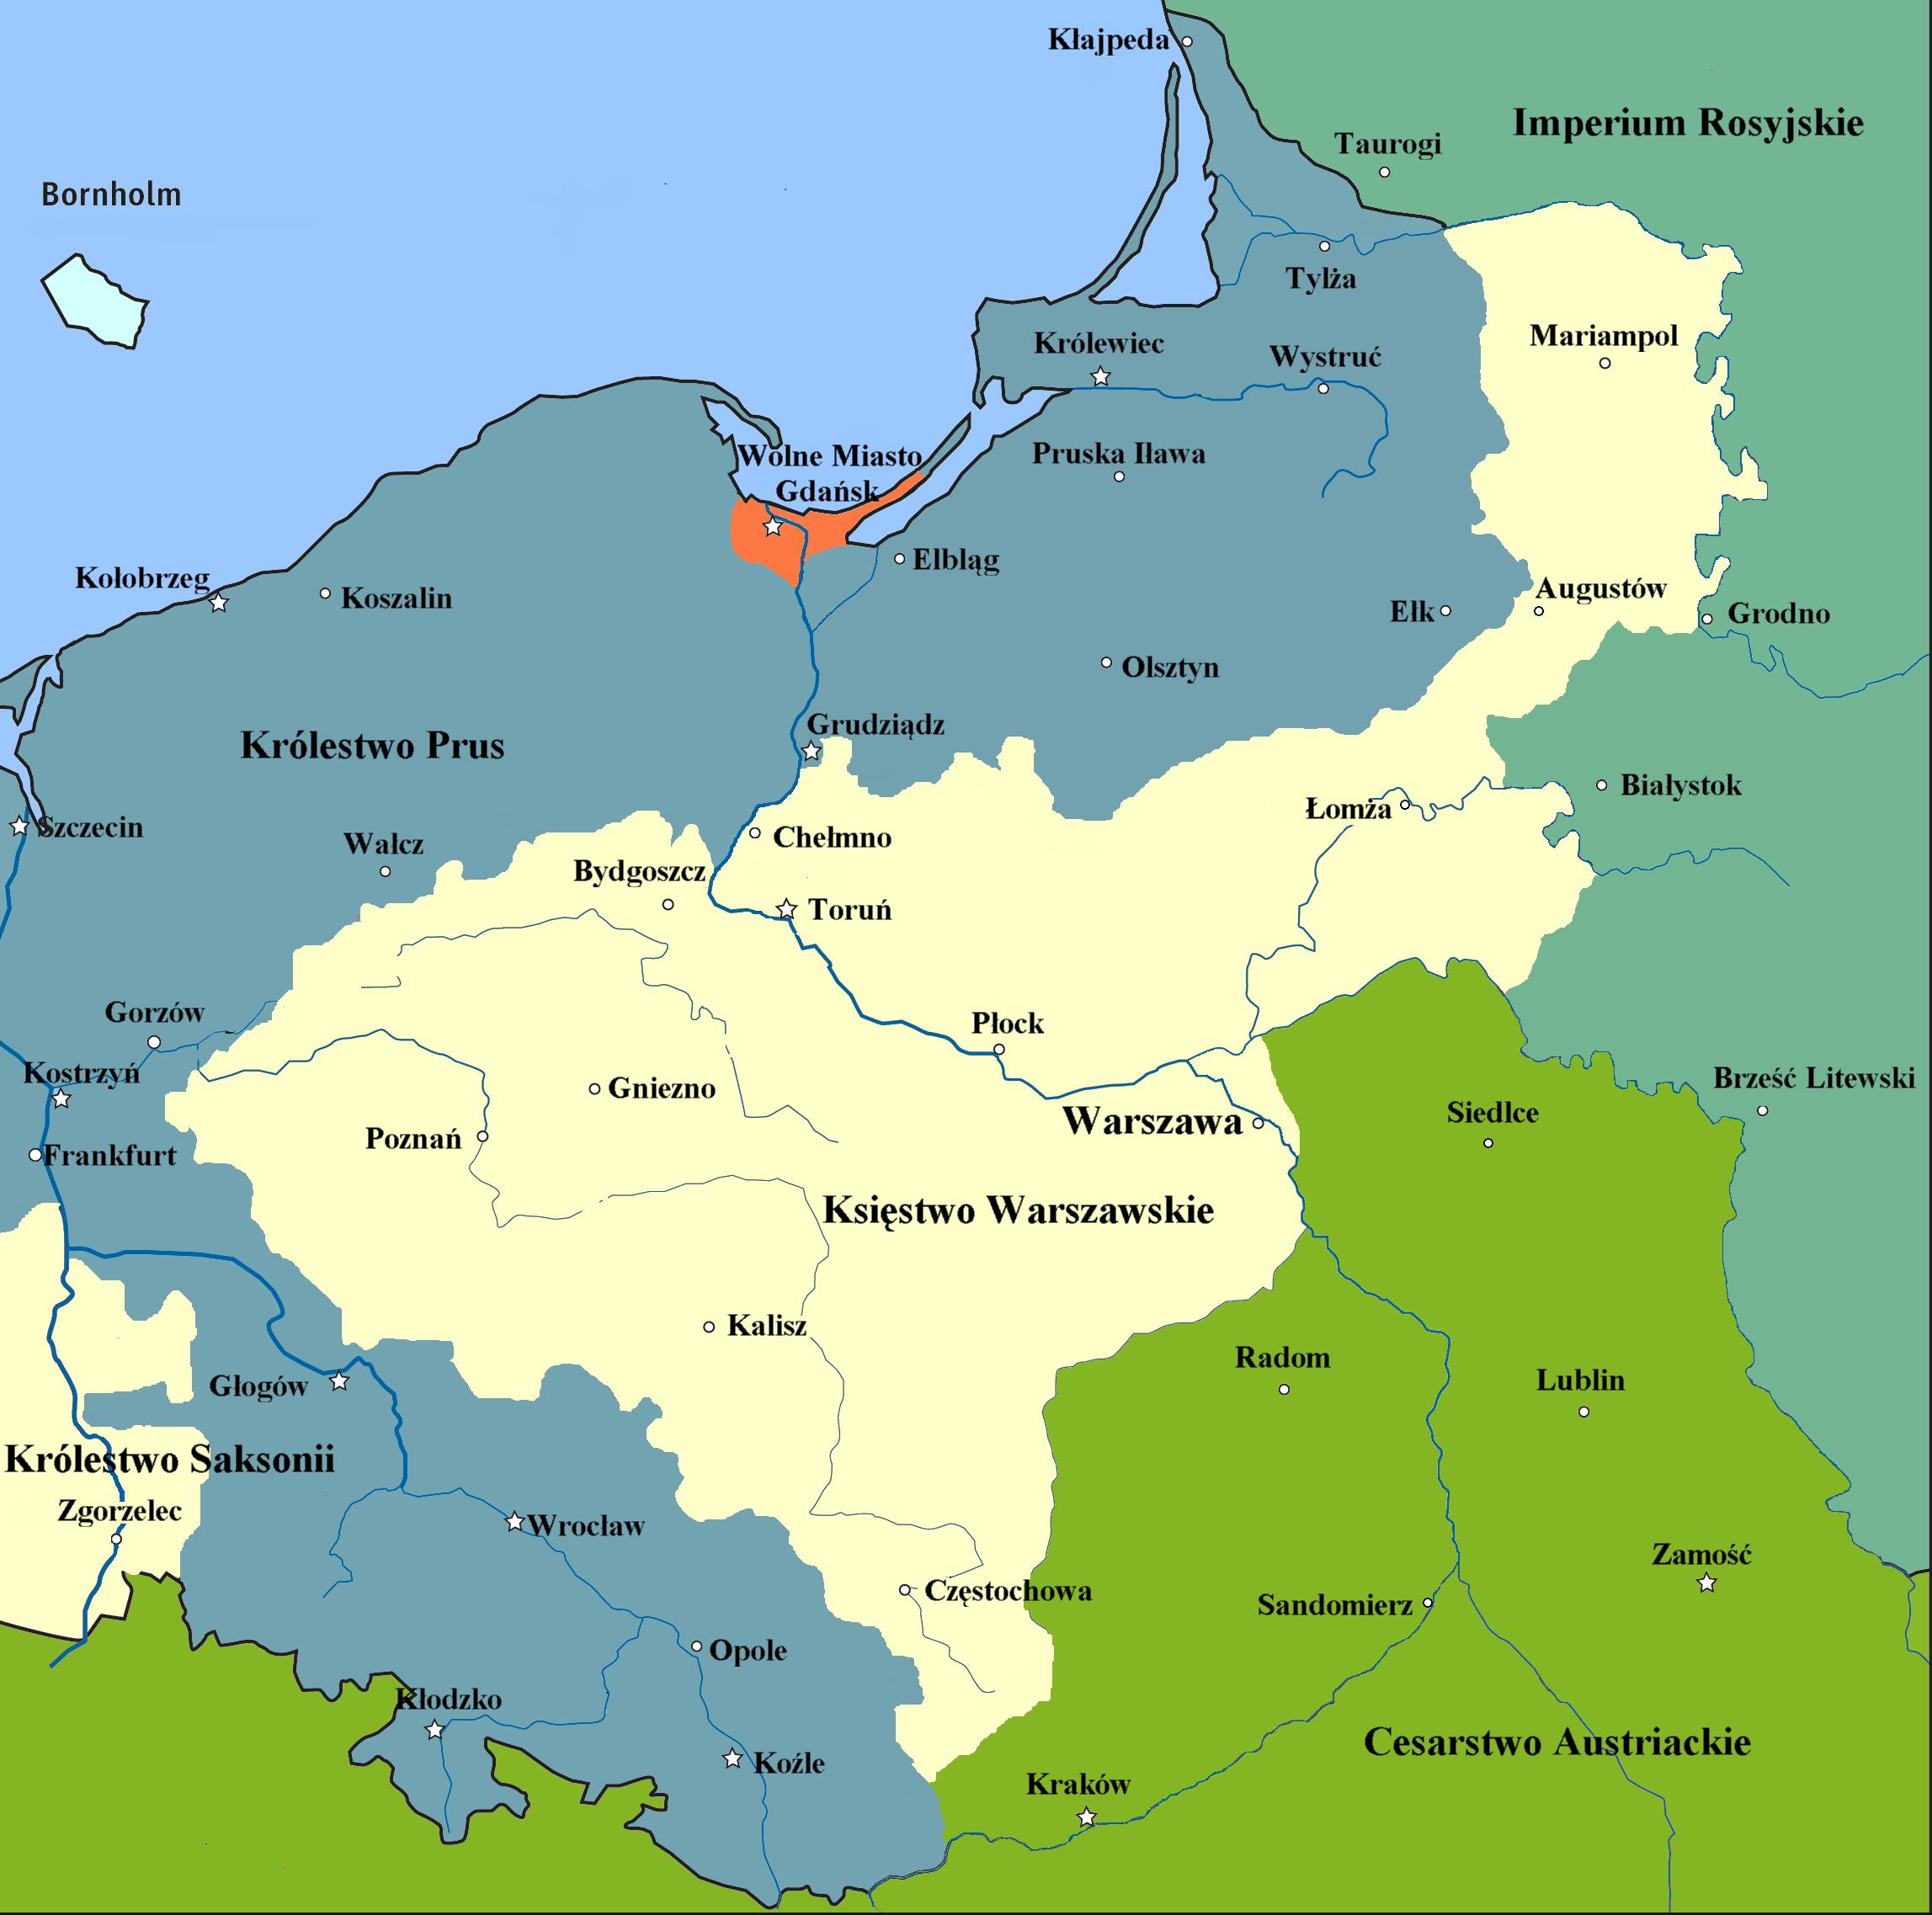 duchy_of_warsaw_1807-1809